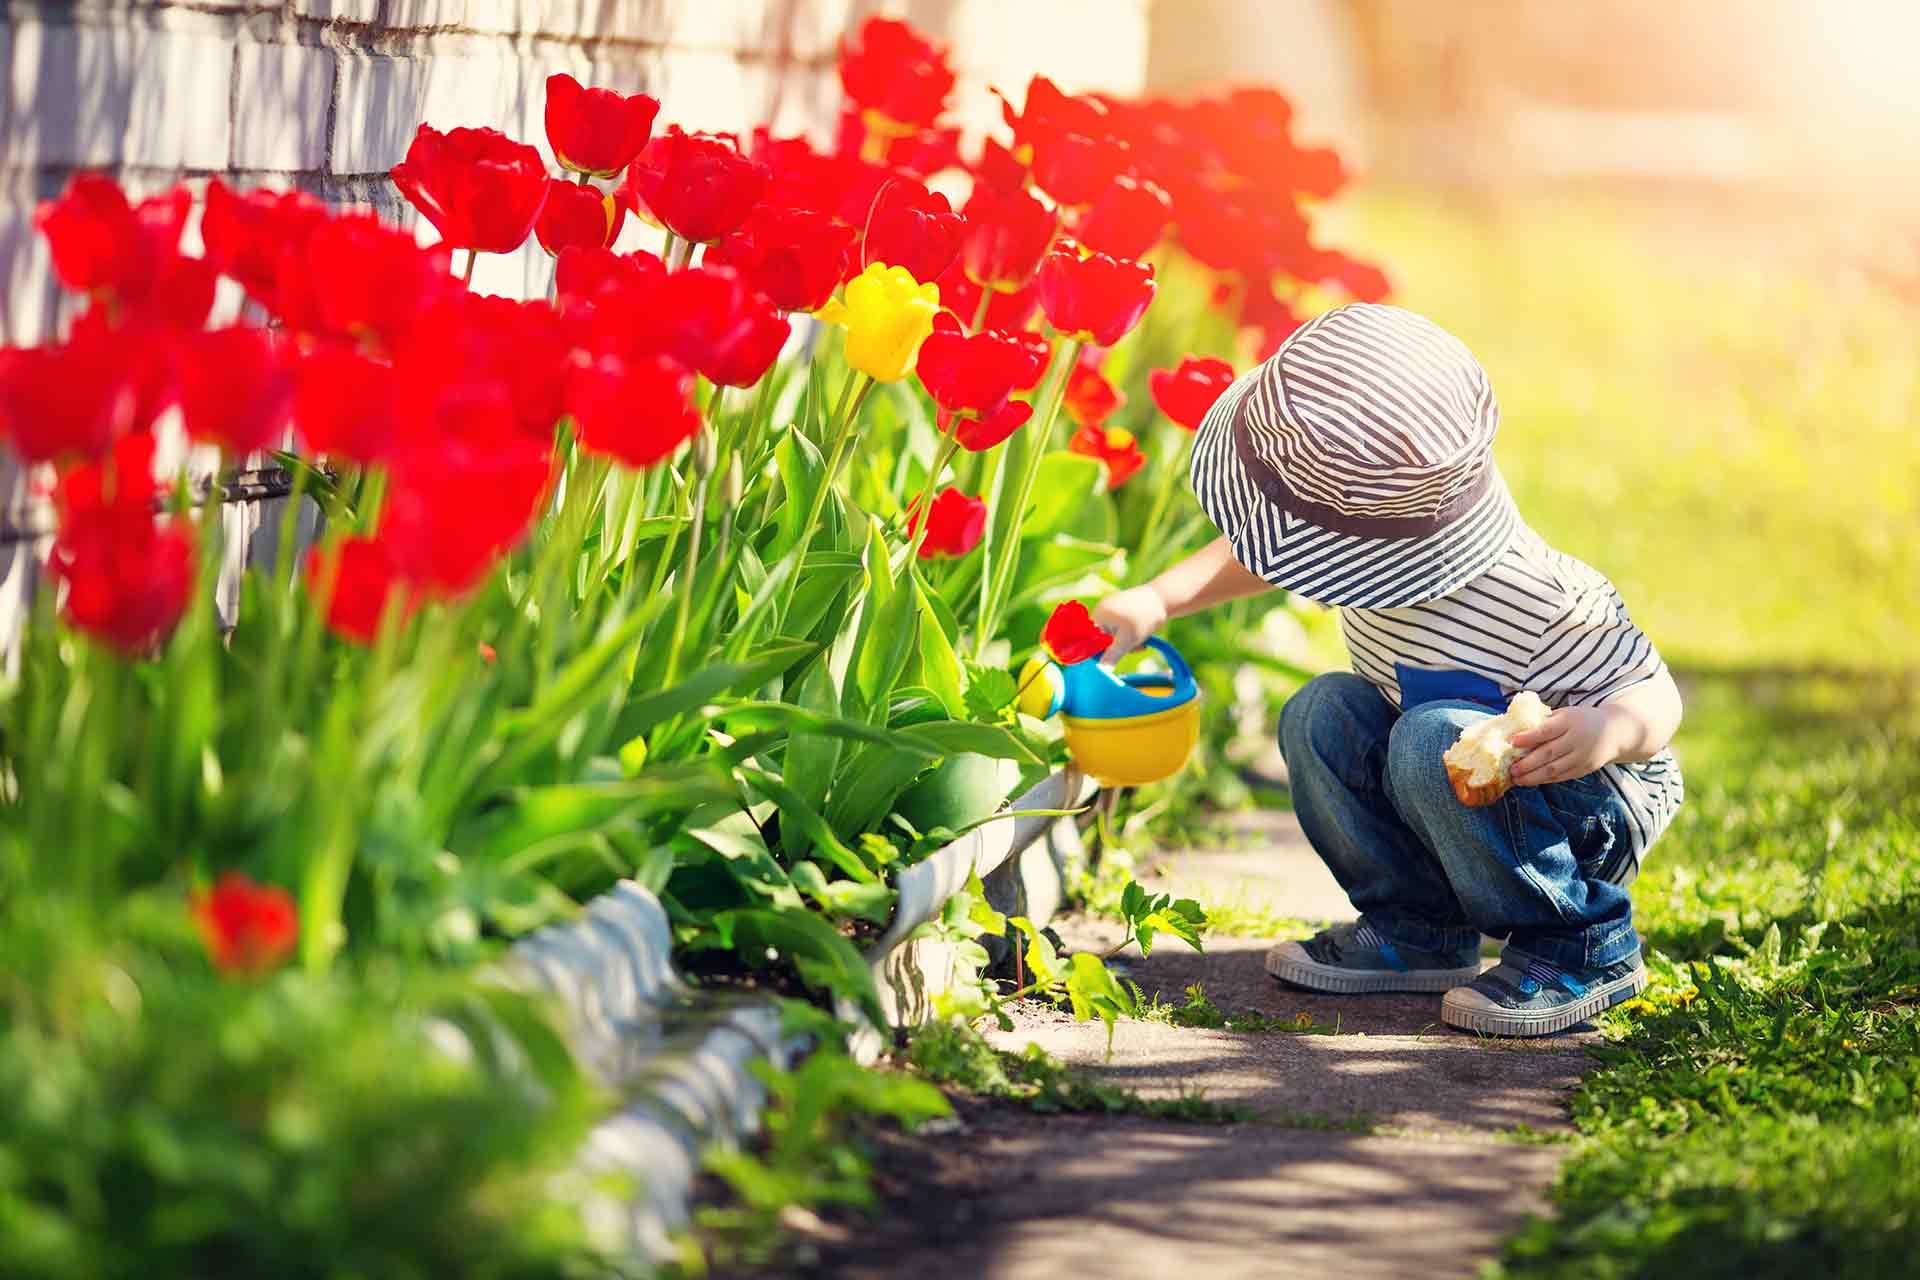 Celebrating-springtime